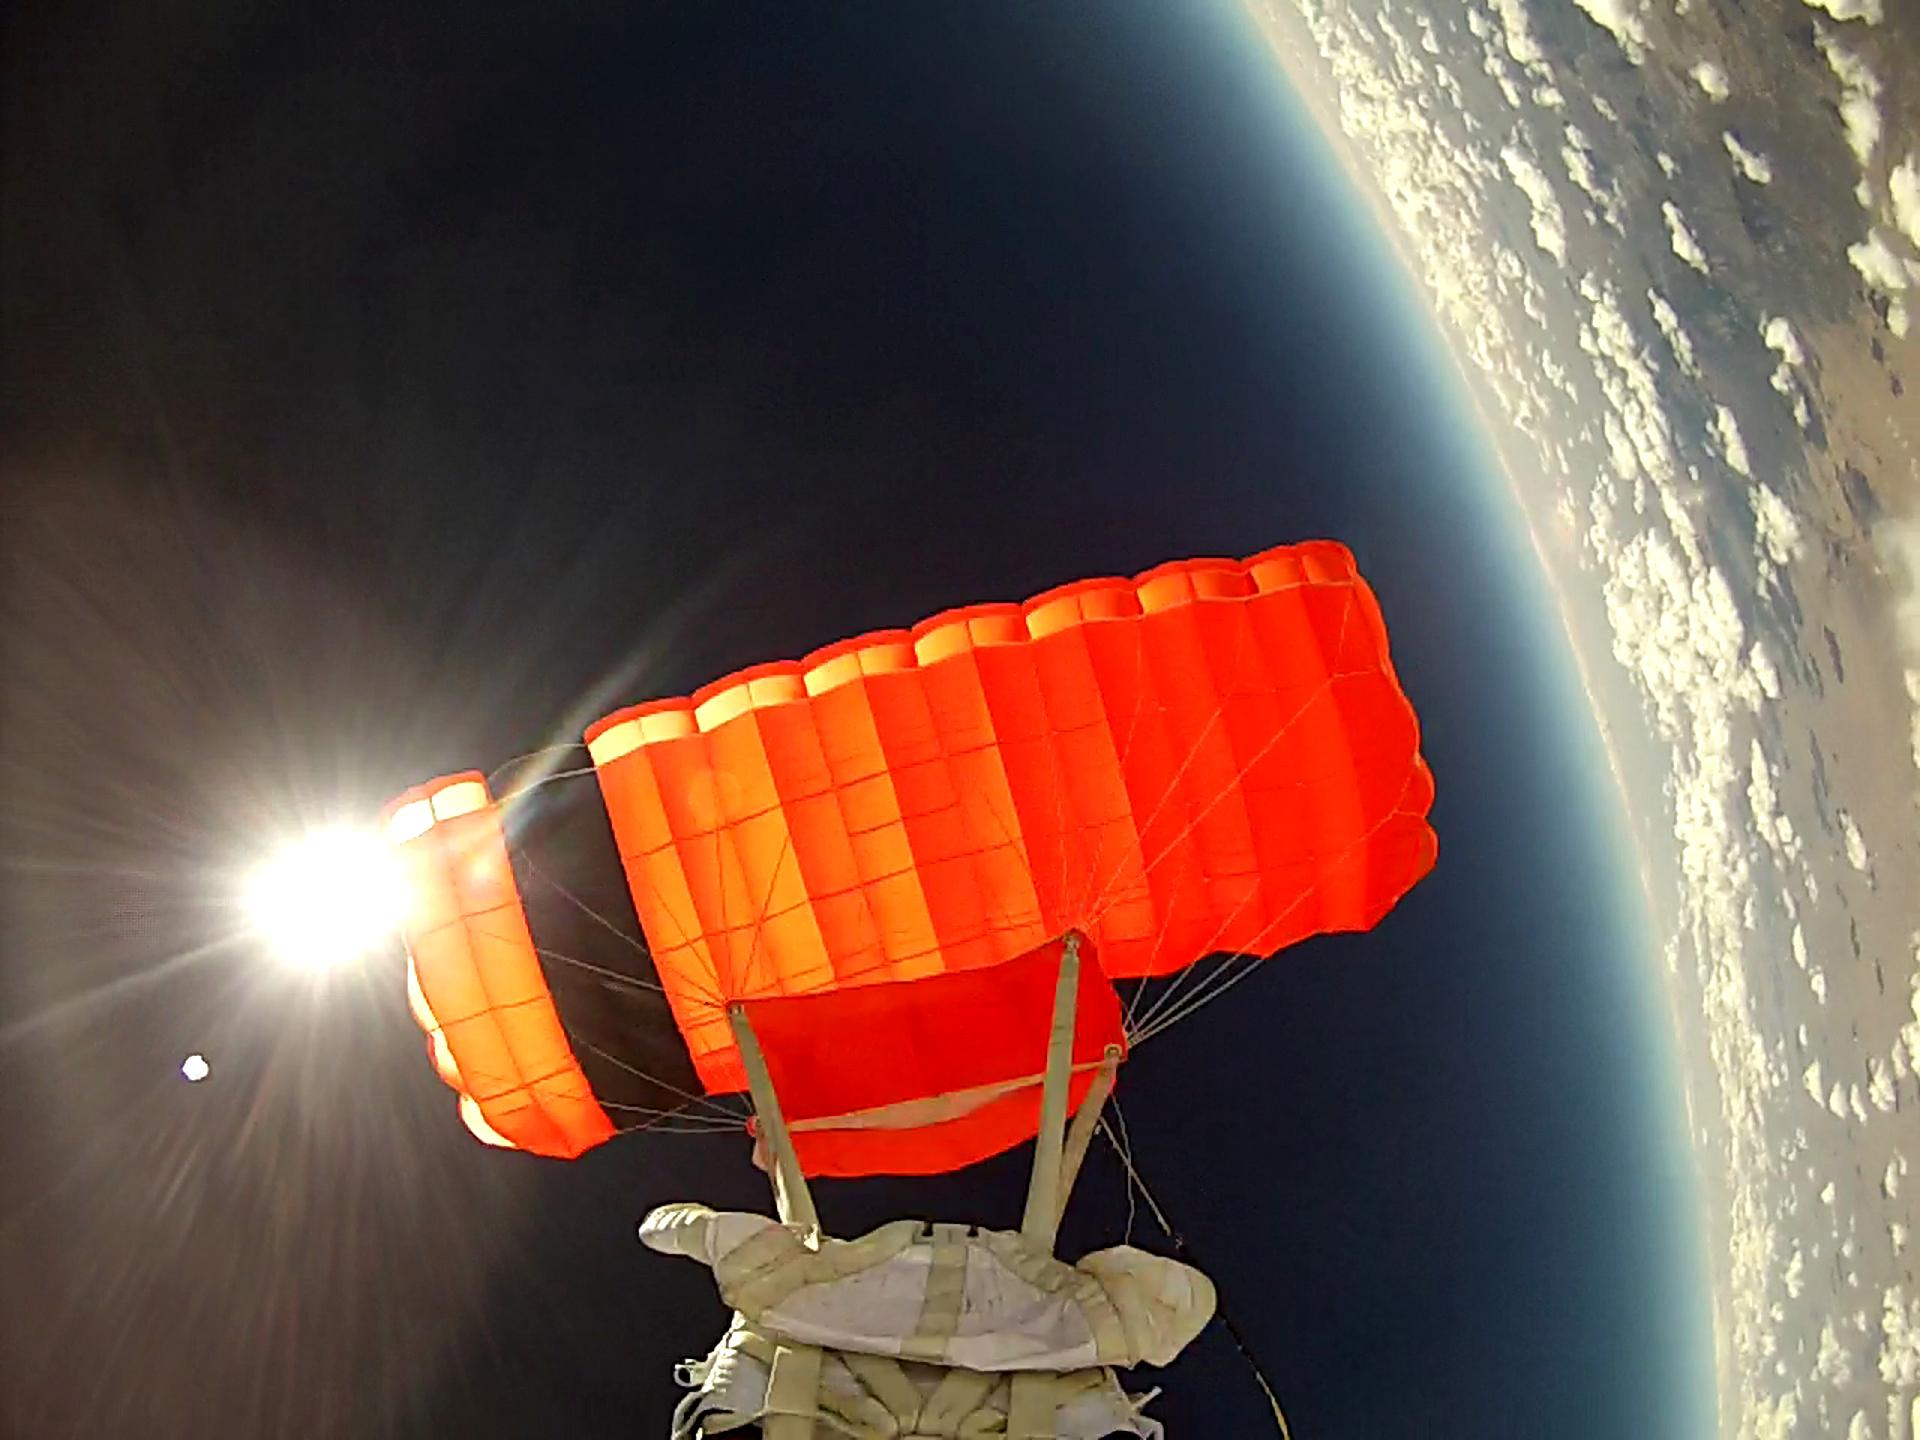 space ballon